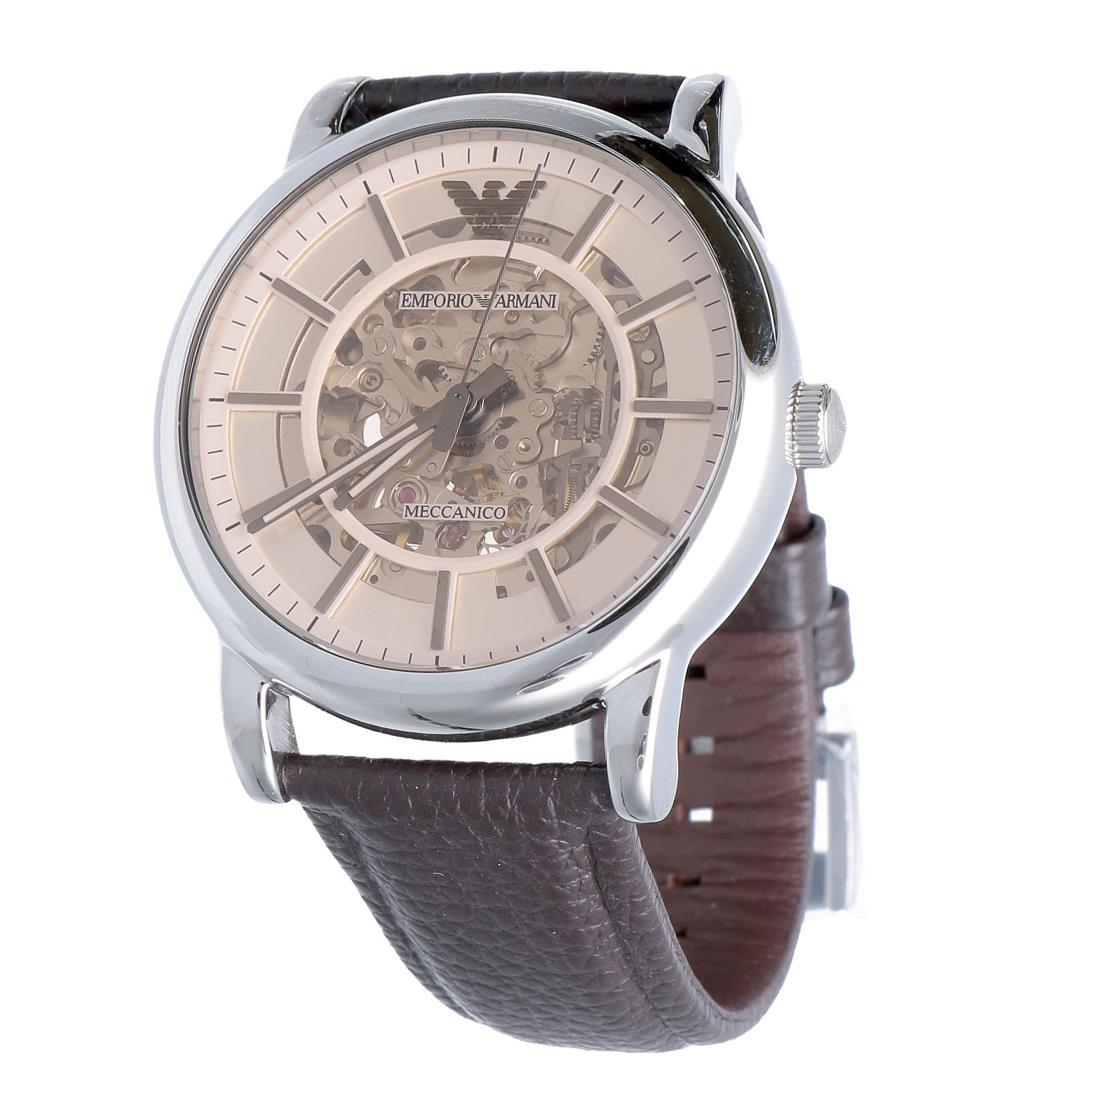 Orologio cassa 43 mm in acciaio inossidabile - ARMANI